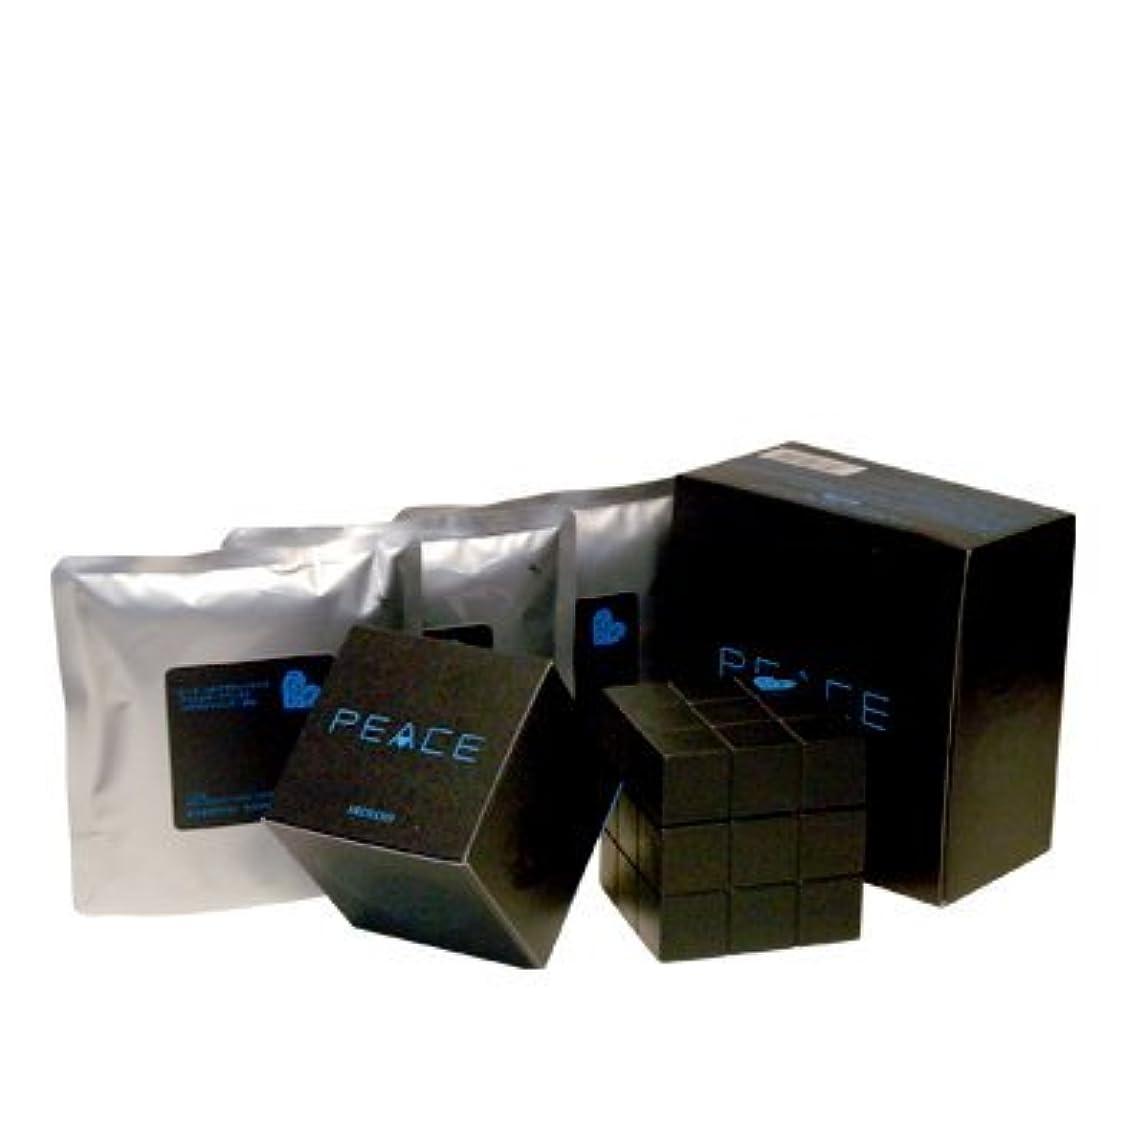 チャンバー治療固めるアリミノ ピース プロデザインシリーズ フリーズキープワックス ブラック80g+詰め替え80g×3